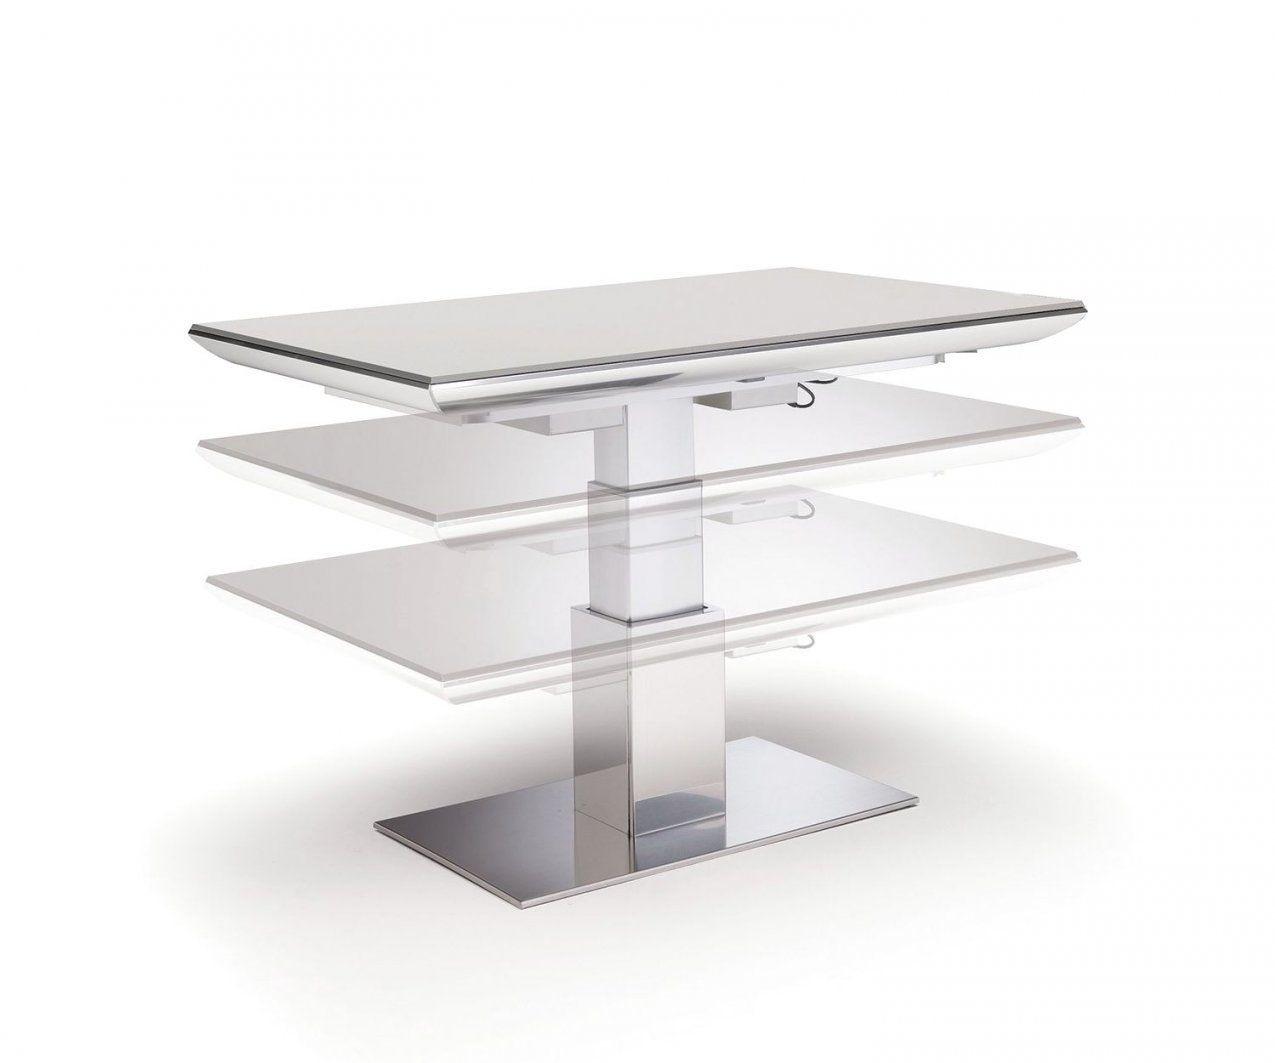 Couchtisch Glas Höhenverstellbar Ausziehbar  Tisch Design von Couchtisch Höhenverstellbar Ausziehbar Glas Photo